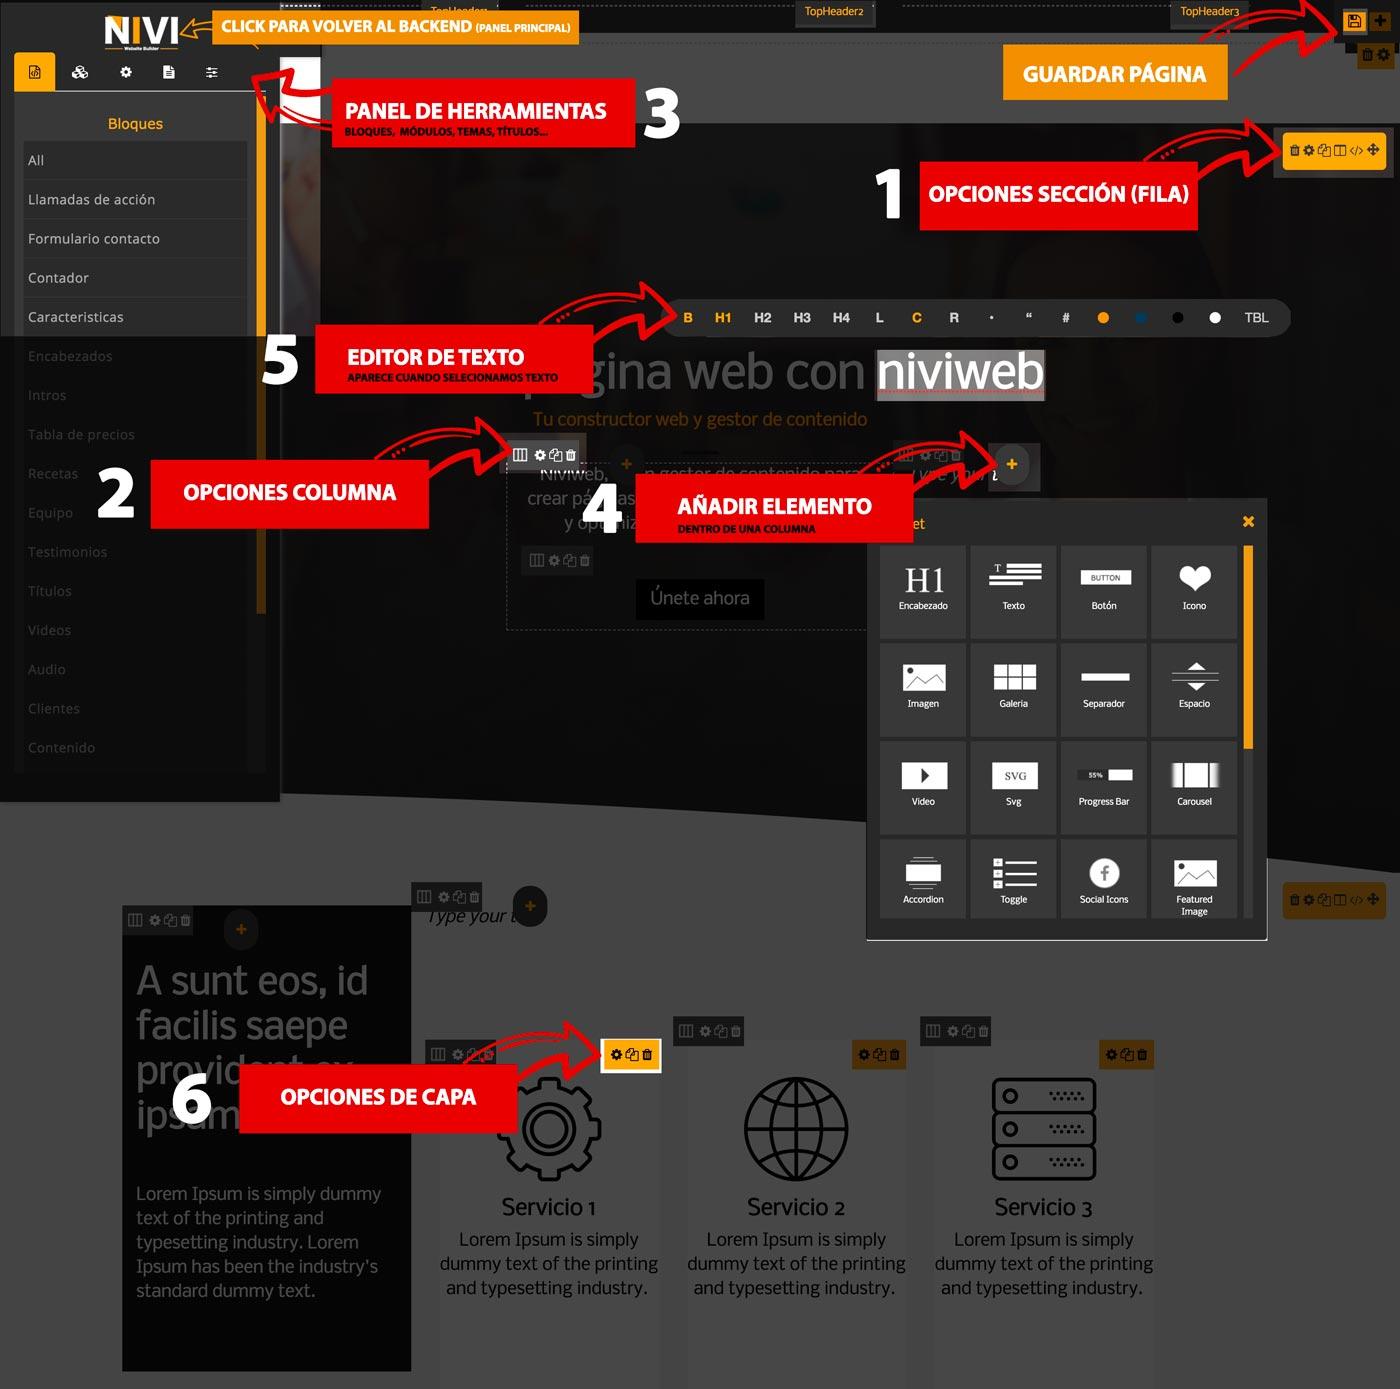 Explicación interfaz constructor de página web niviweb